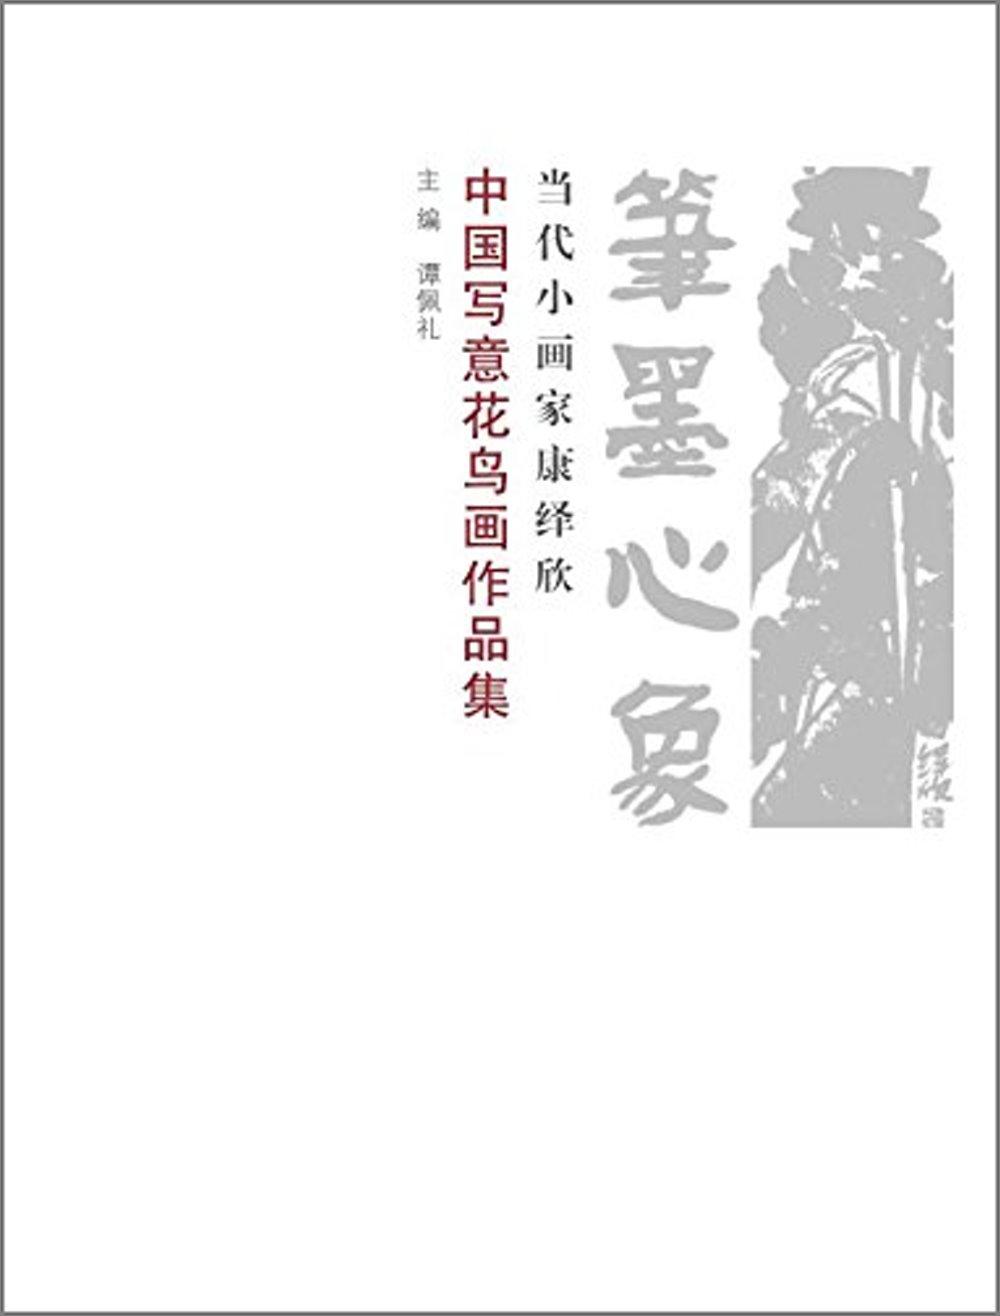 筆墨心象:當代小畫家康繹欣·中國寫意花鳥畫作品集